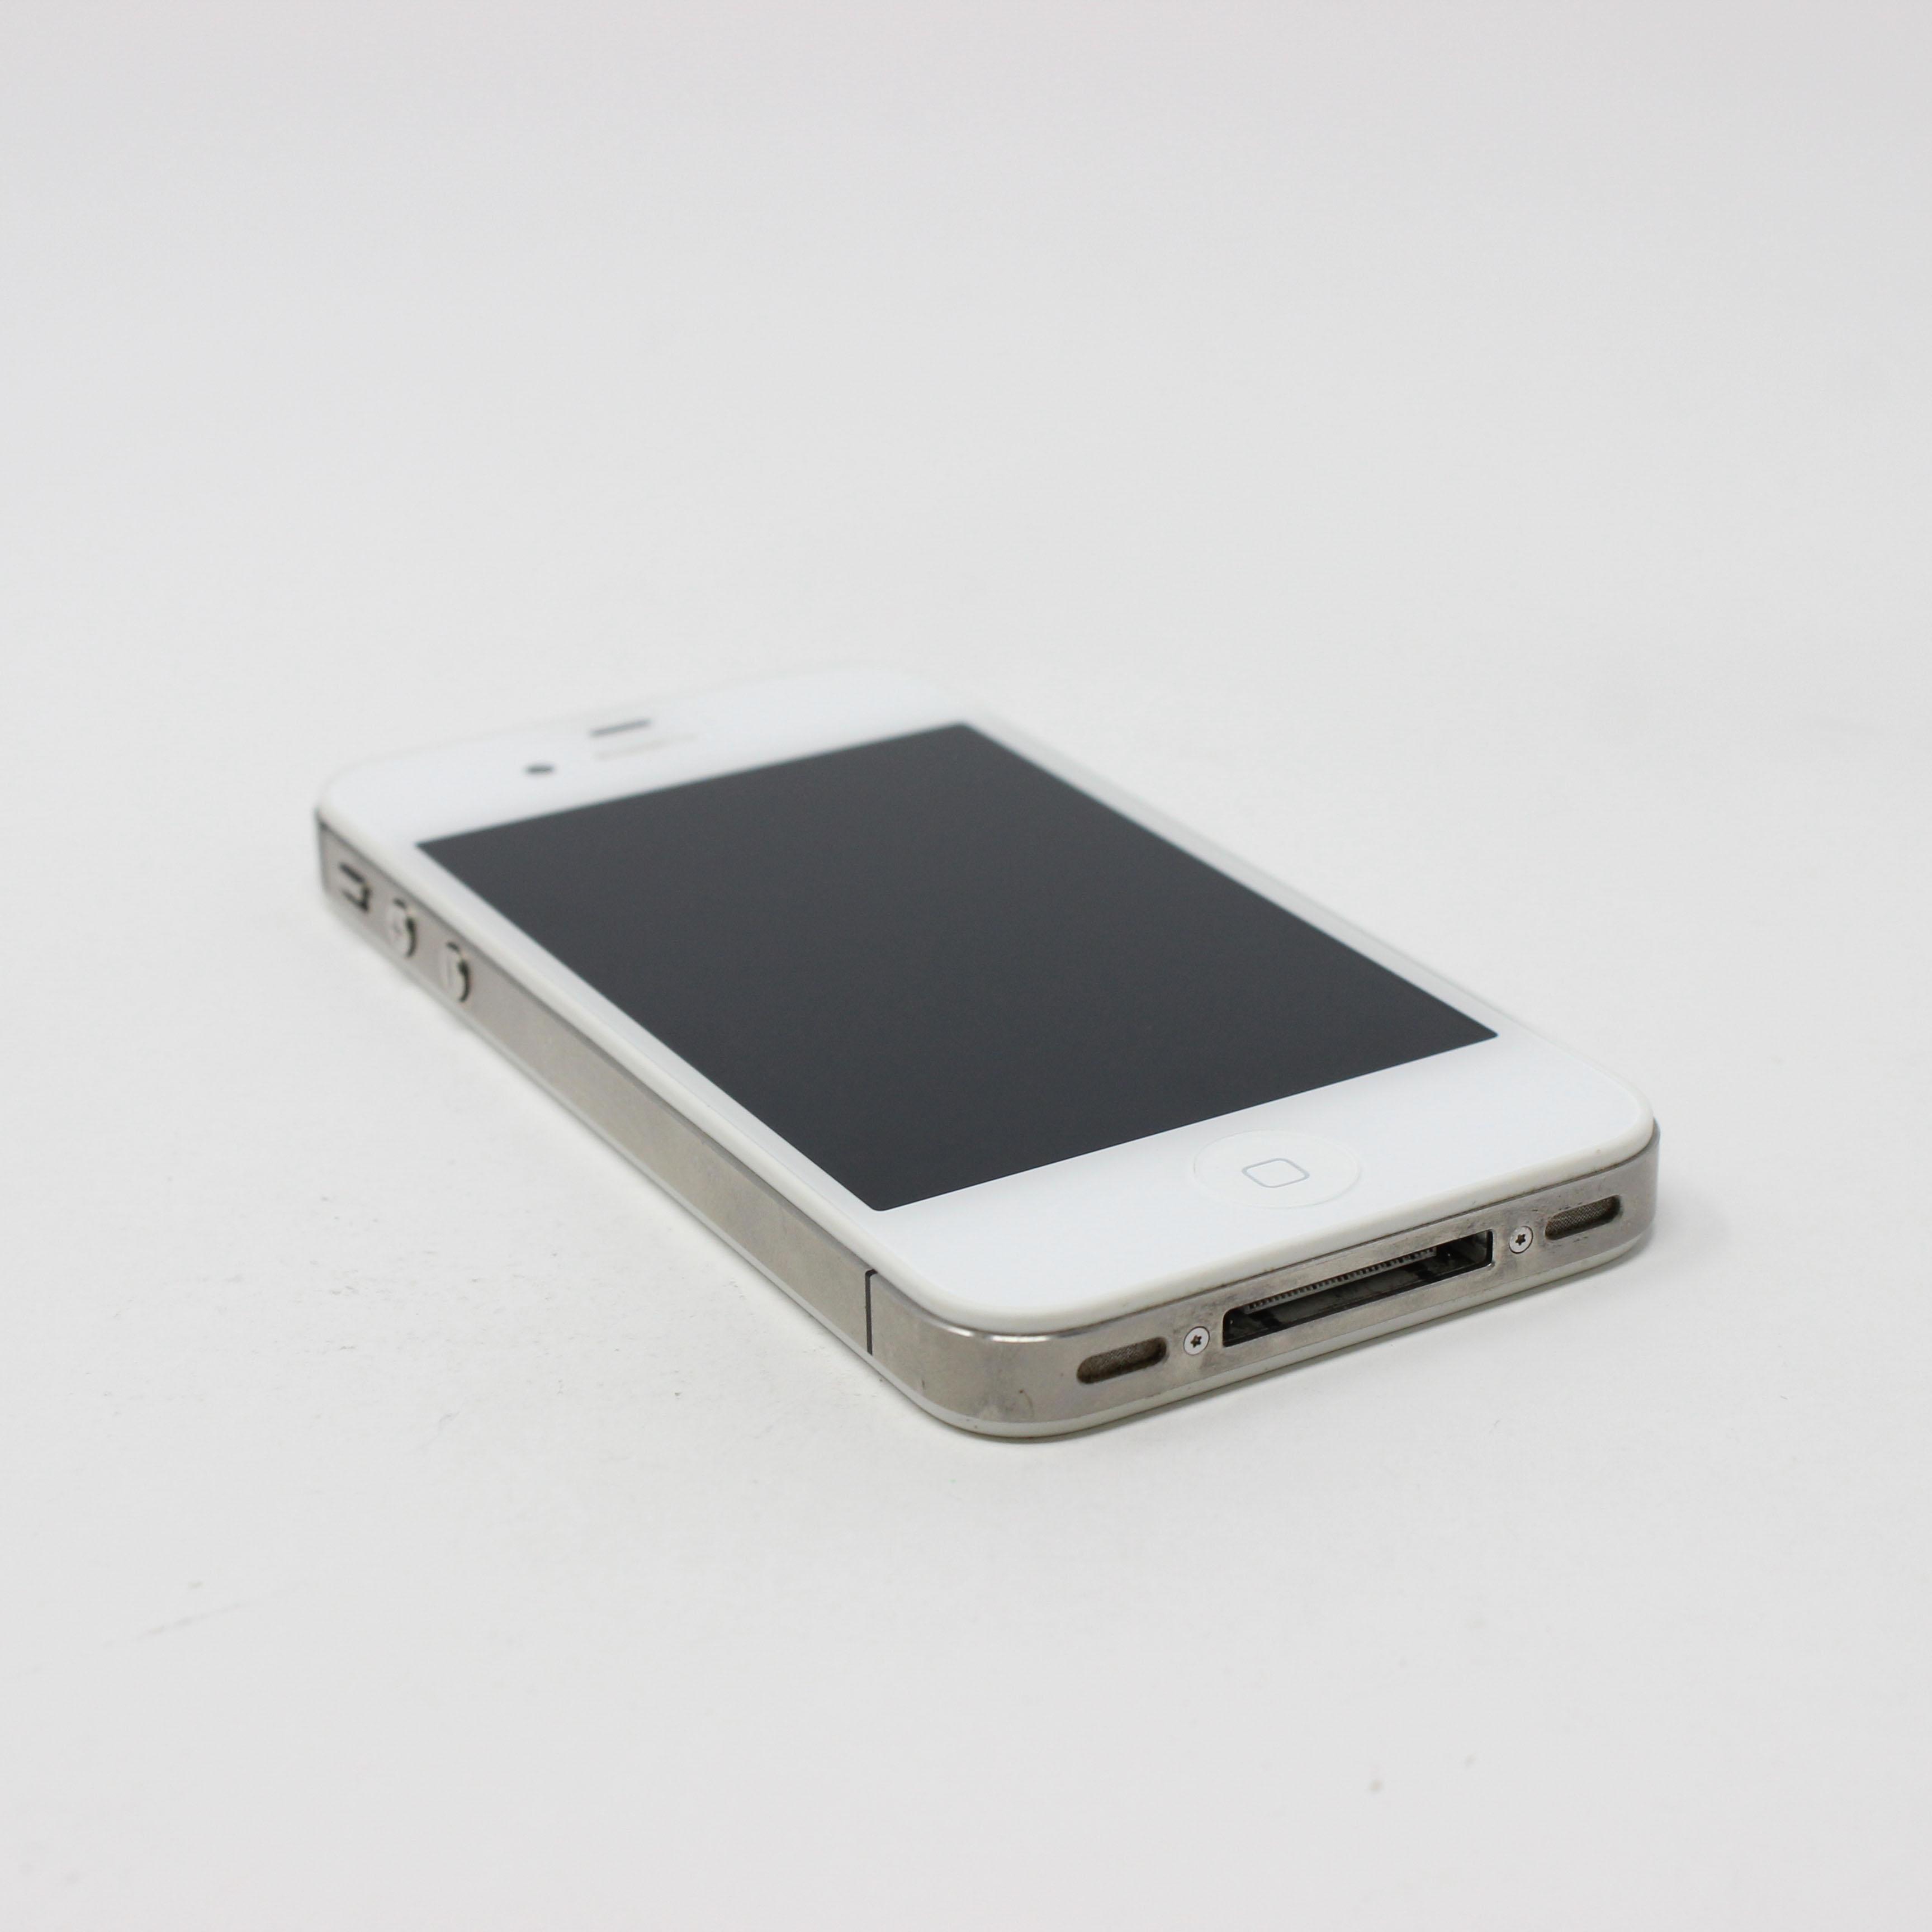 iPhone 4S 16GB White - AT&T photo 5   UpTradeit.com